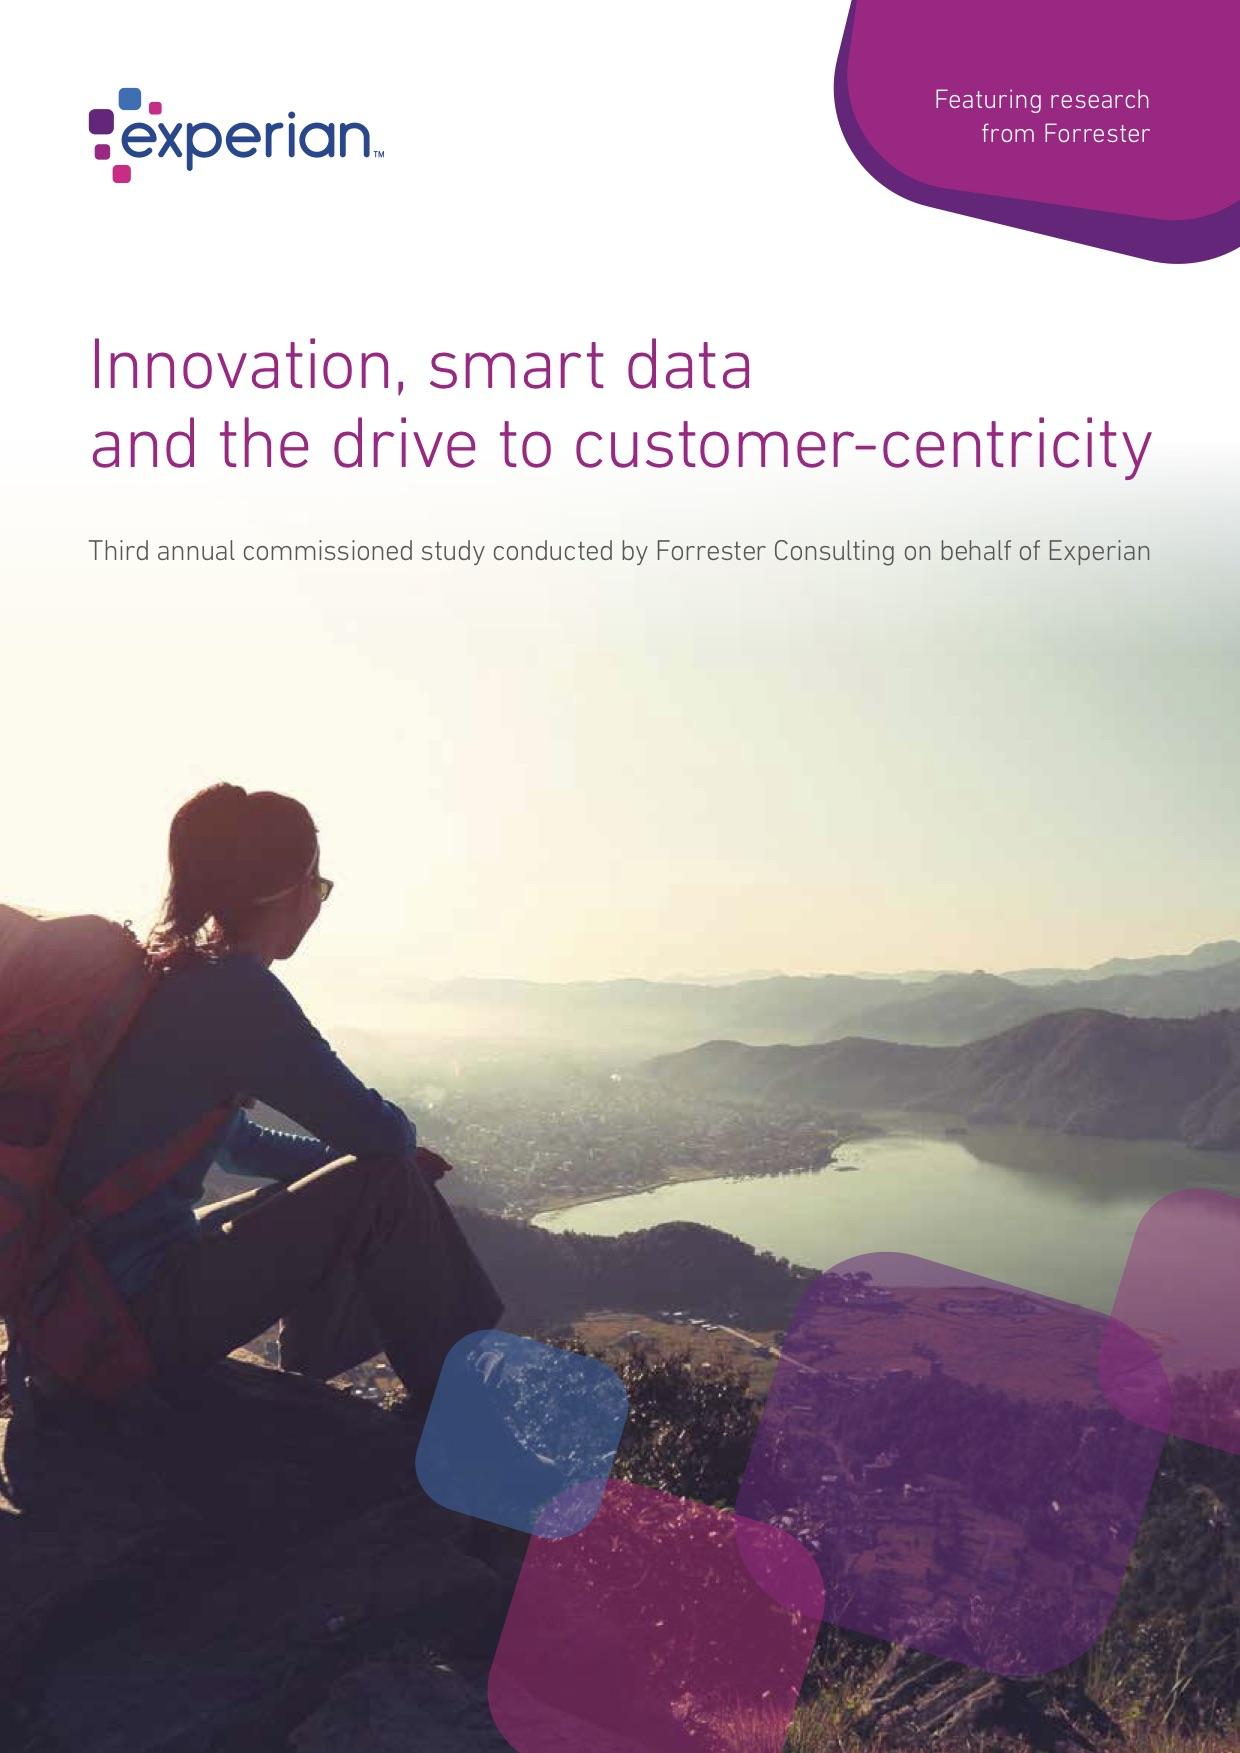 Per l'80% dei senior decision maker, gli investimenti in dati, analisi e intelligenza artificiale sono cruciali per la crescita